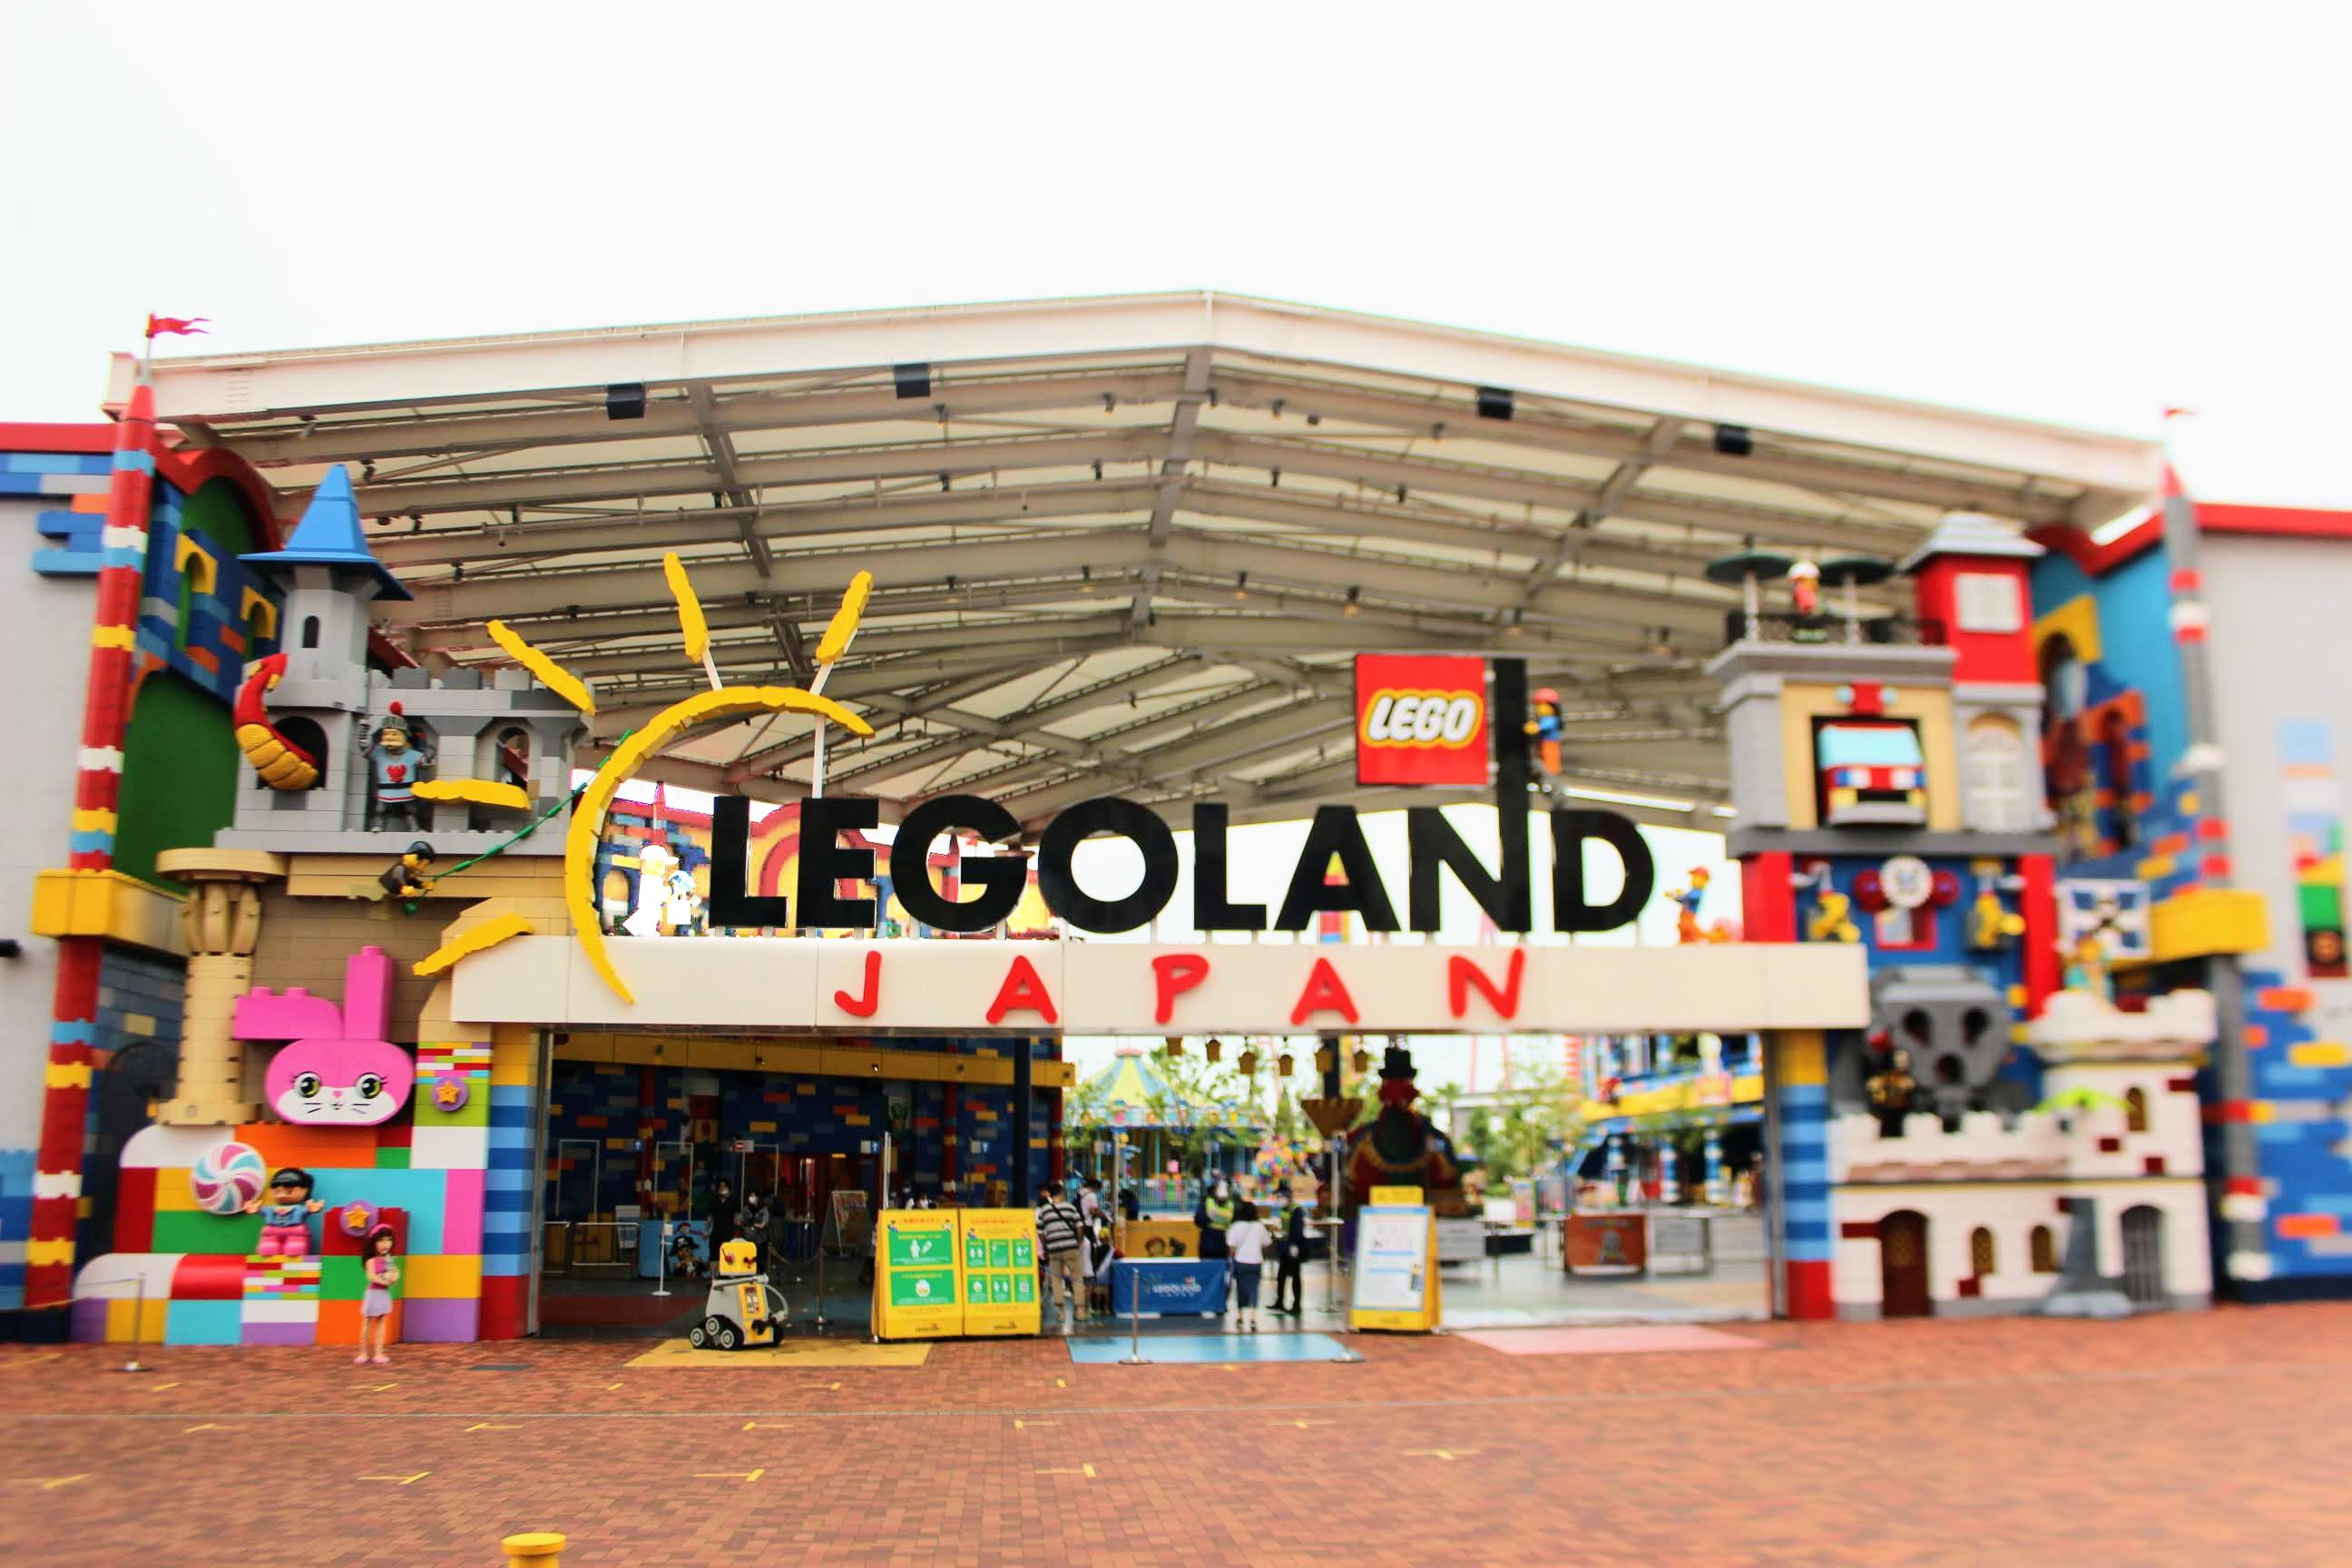 名古屋のレゴランド® ・ジャパンに行く前に、知っておきたい6つのこと